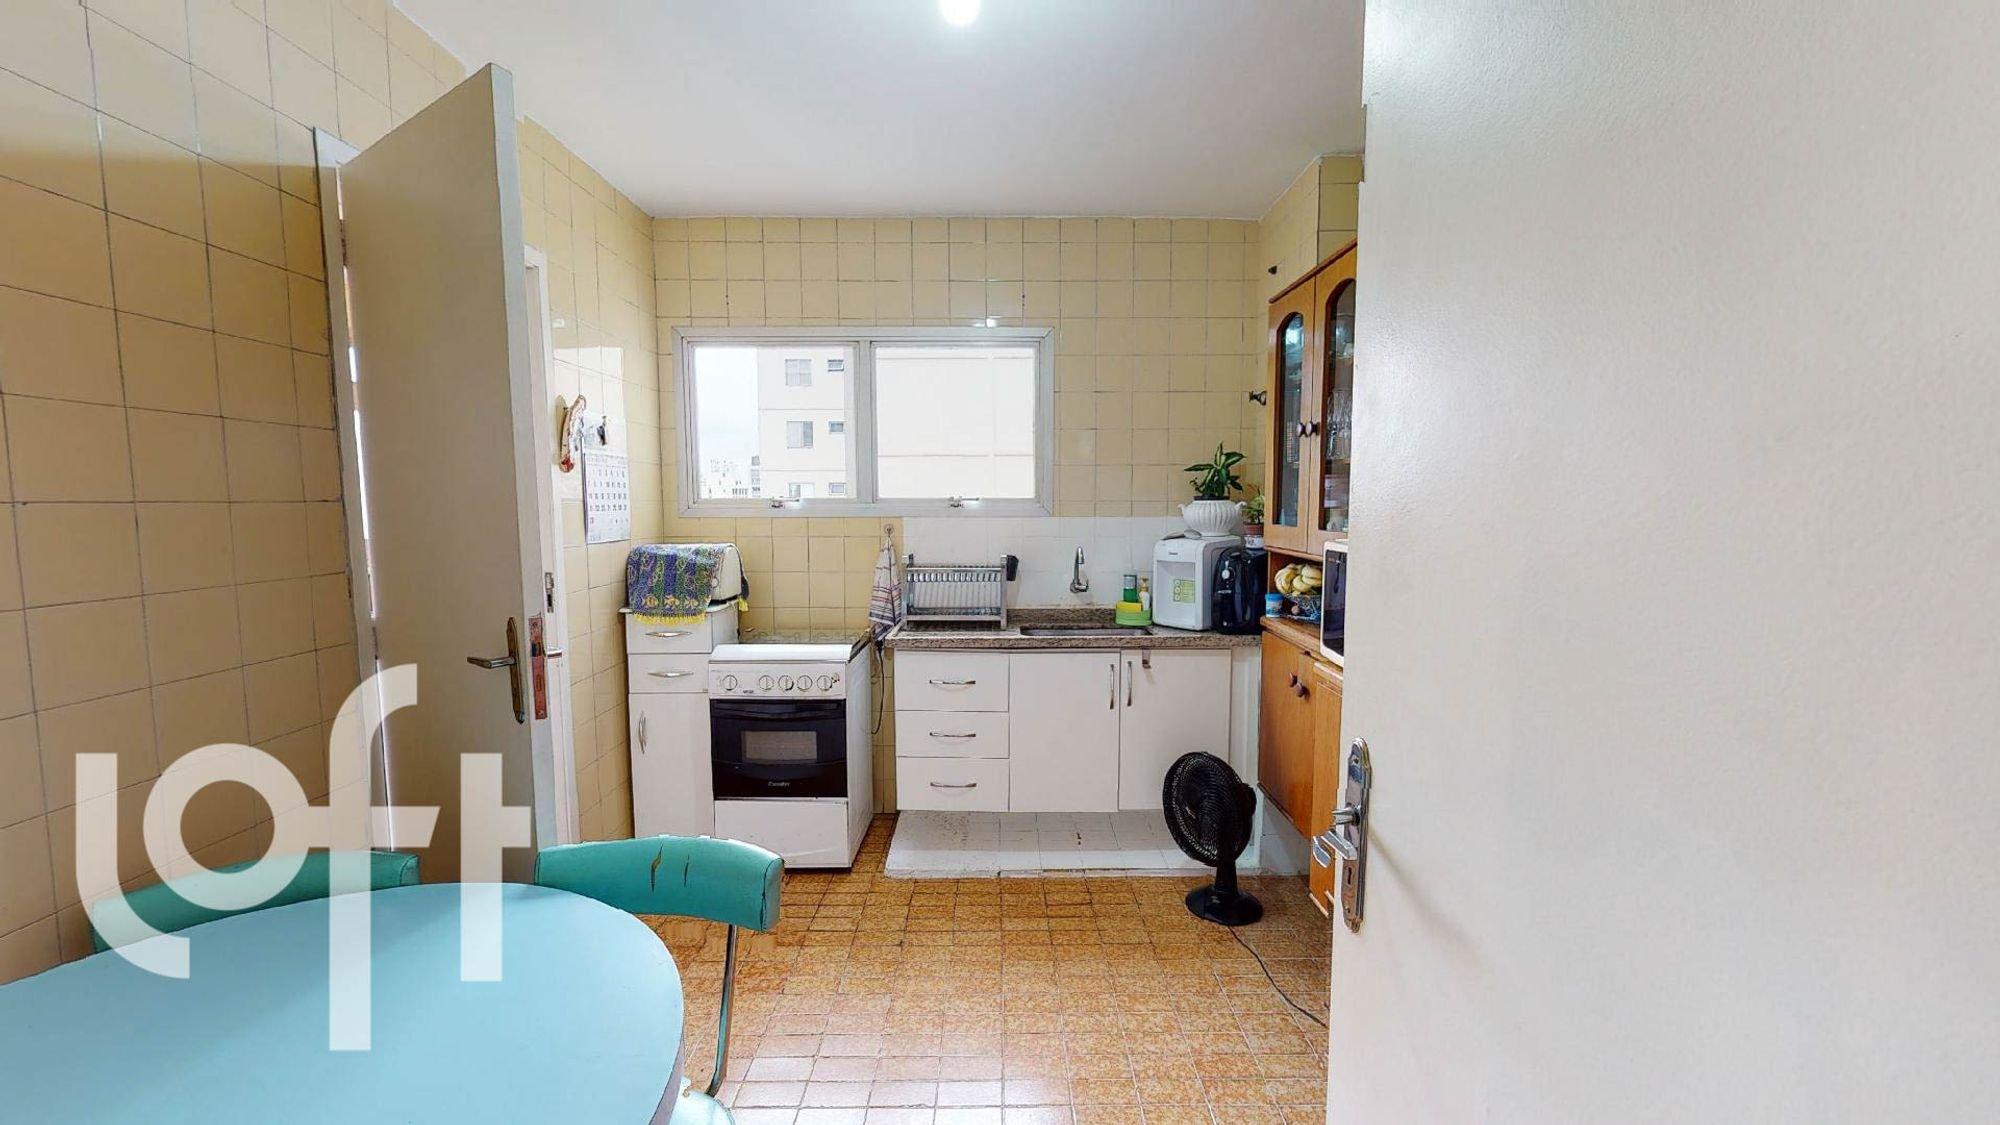 Foto de Cozinha com vaso de planta, garrafa, forno, cadeira, mesa de jantar